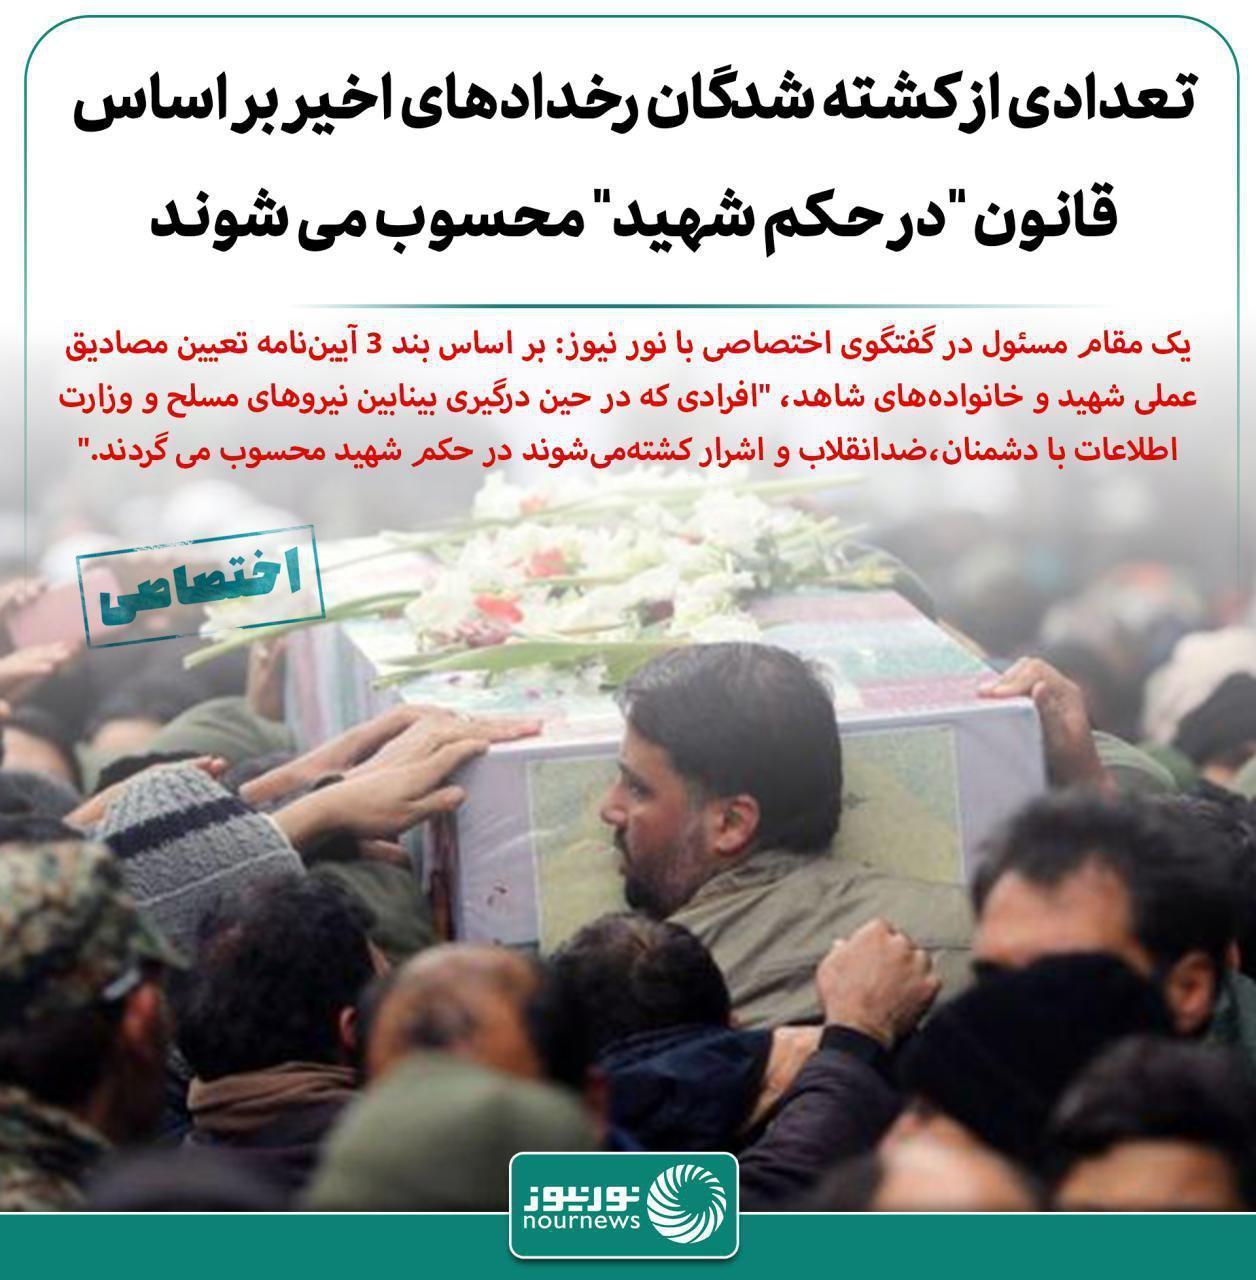 """تعدادی از کشته شدگان رخدادهای اخیر بر اساس قانون """"در حکم شهید"""" محسوب می شوند"""